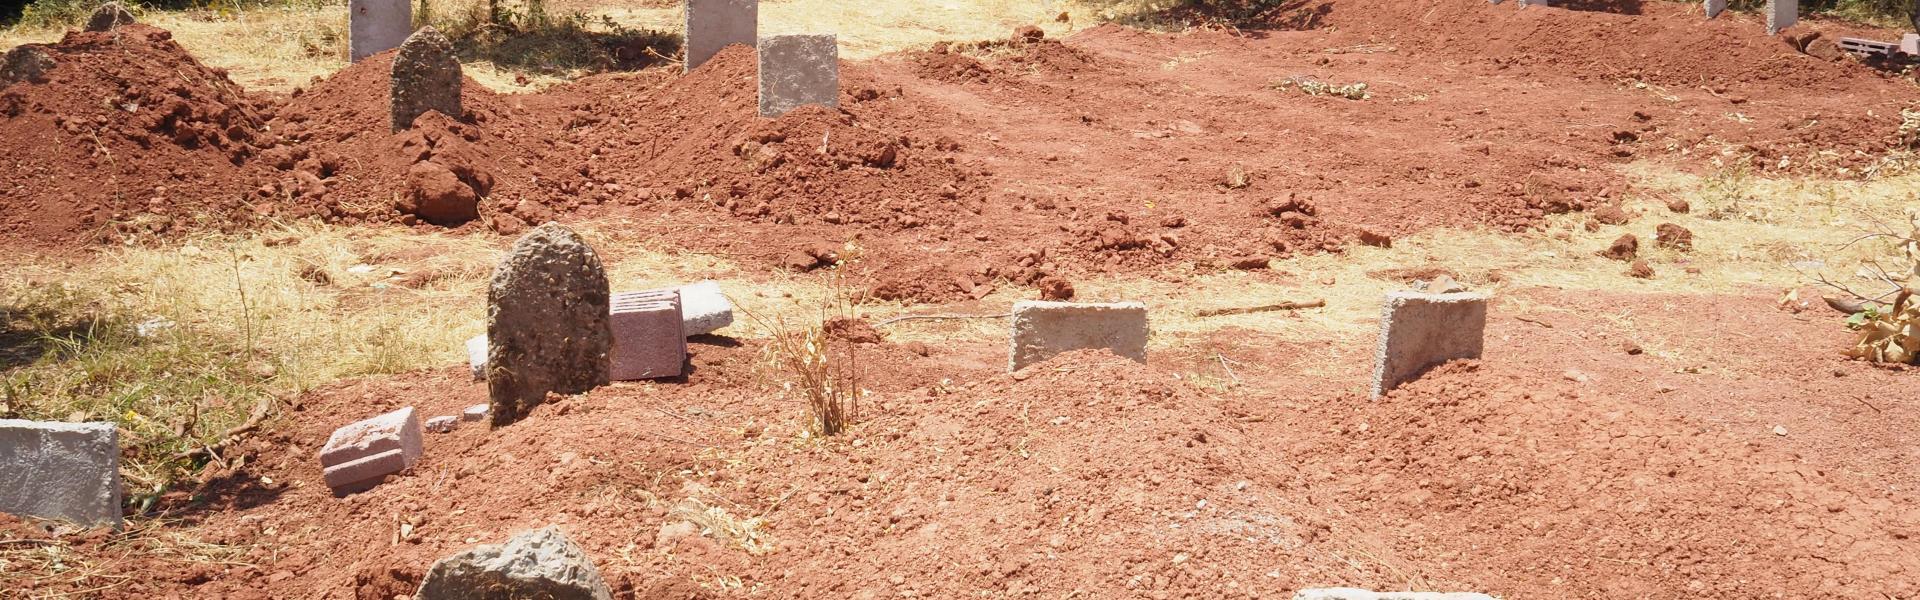 Αλβανία: Θύμα βανδάλων το Νυμφαίο της αρχαιοελληνικής Απολλωνίας